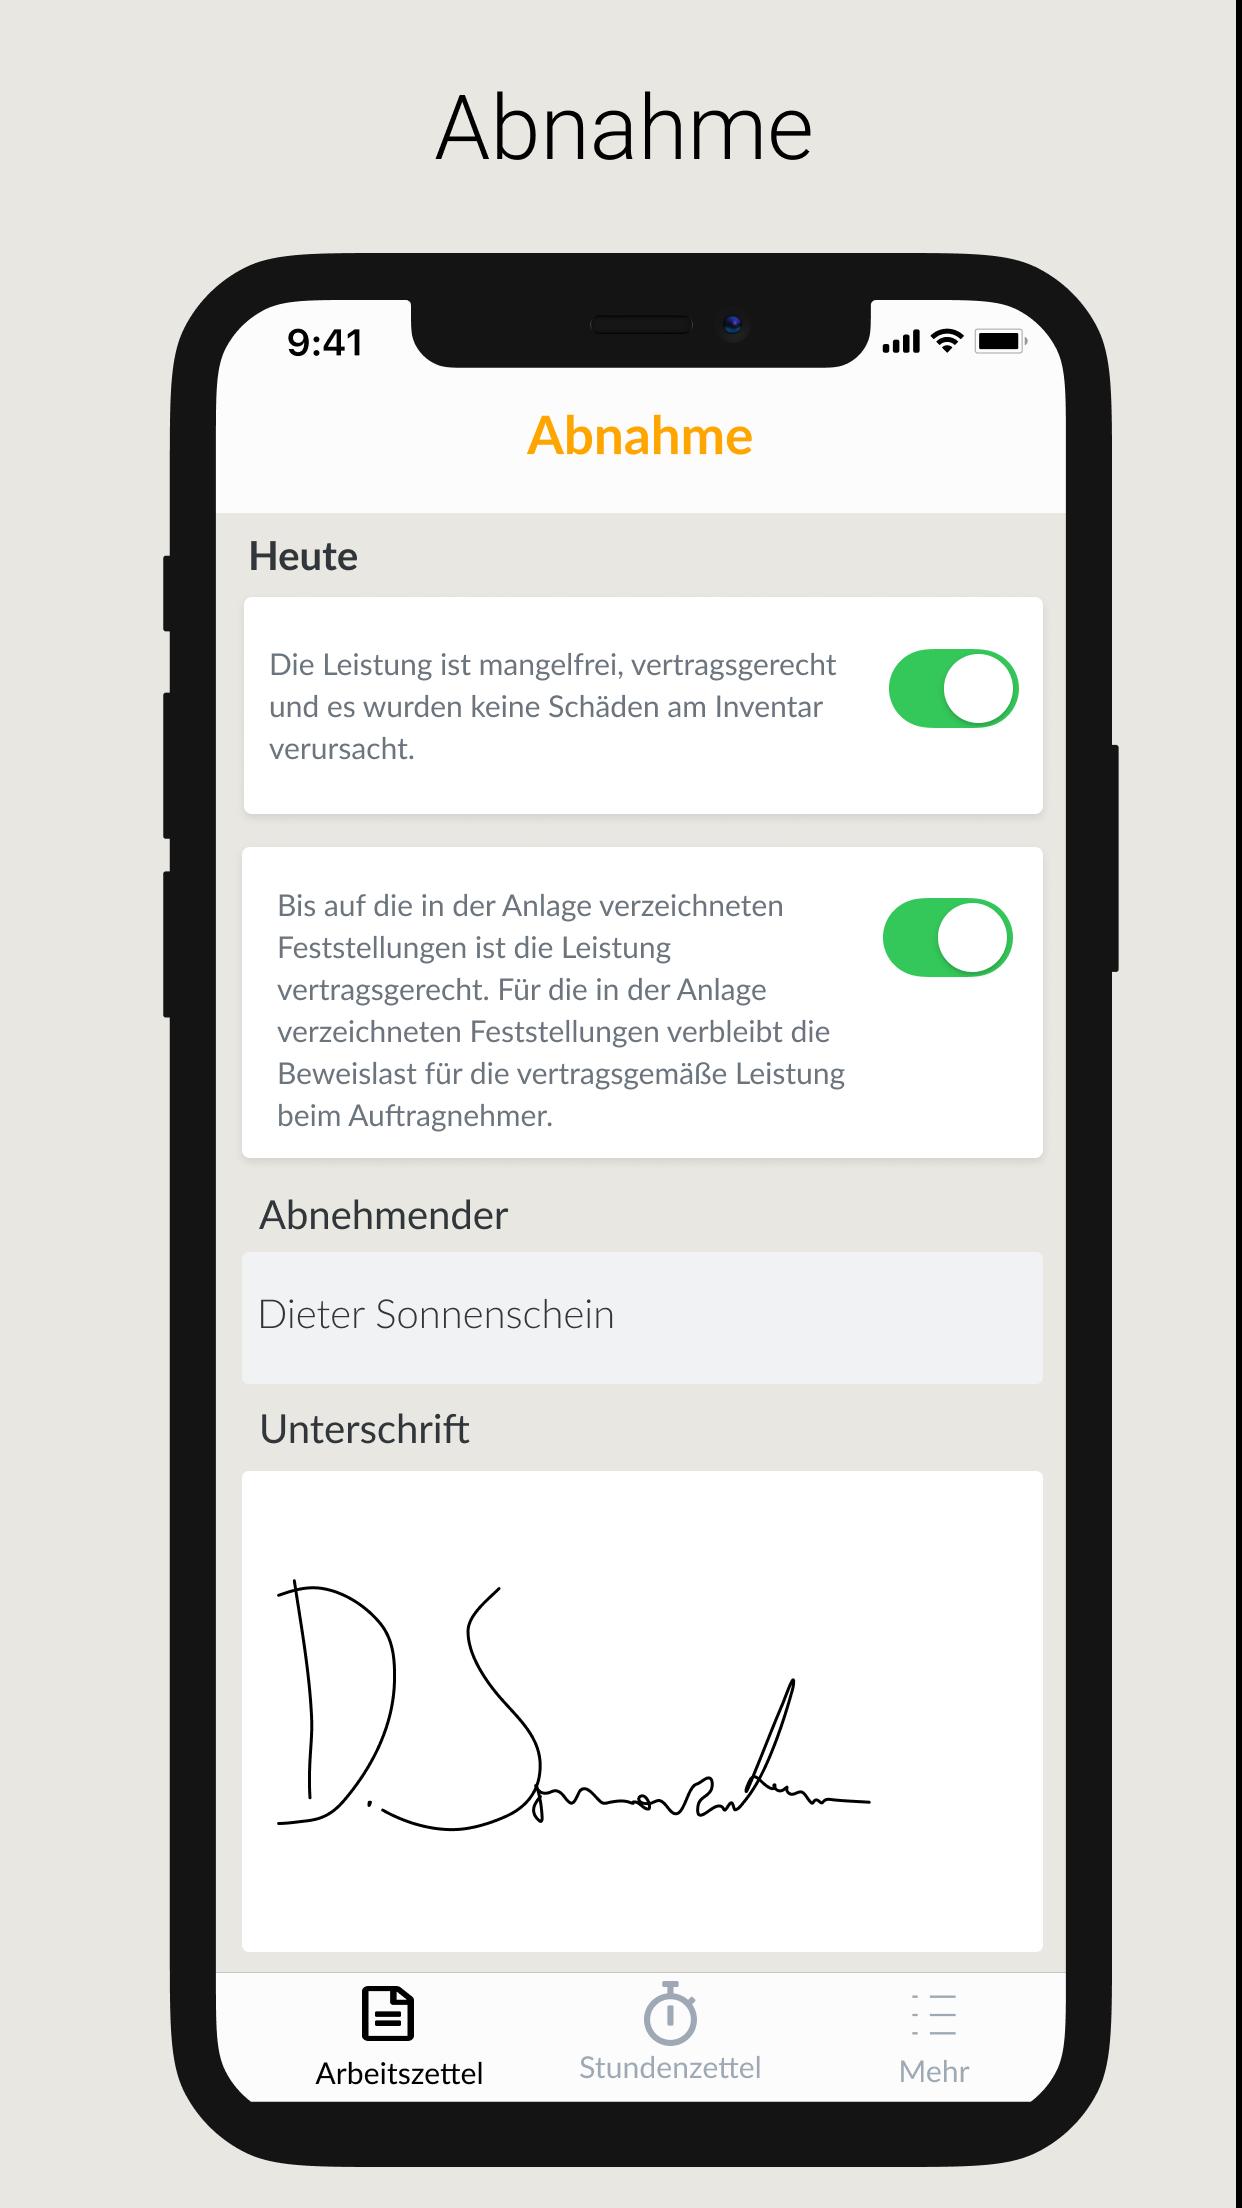 Über die Craftboxx-App können Monteure die Abnahme eines Auftrags unterschreiben lassen. Foto: © Craftboxx